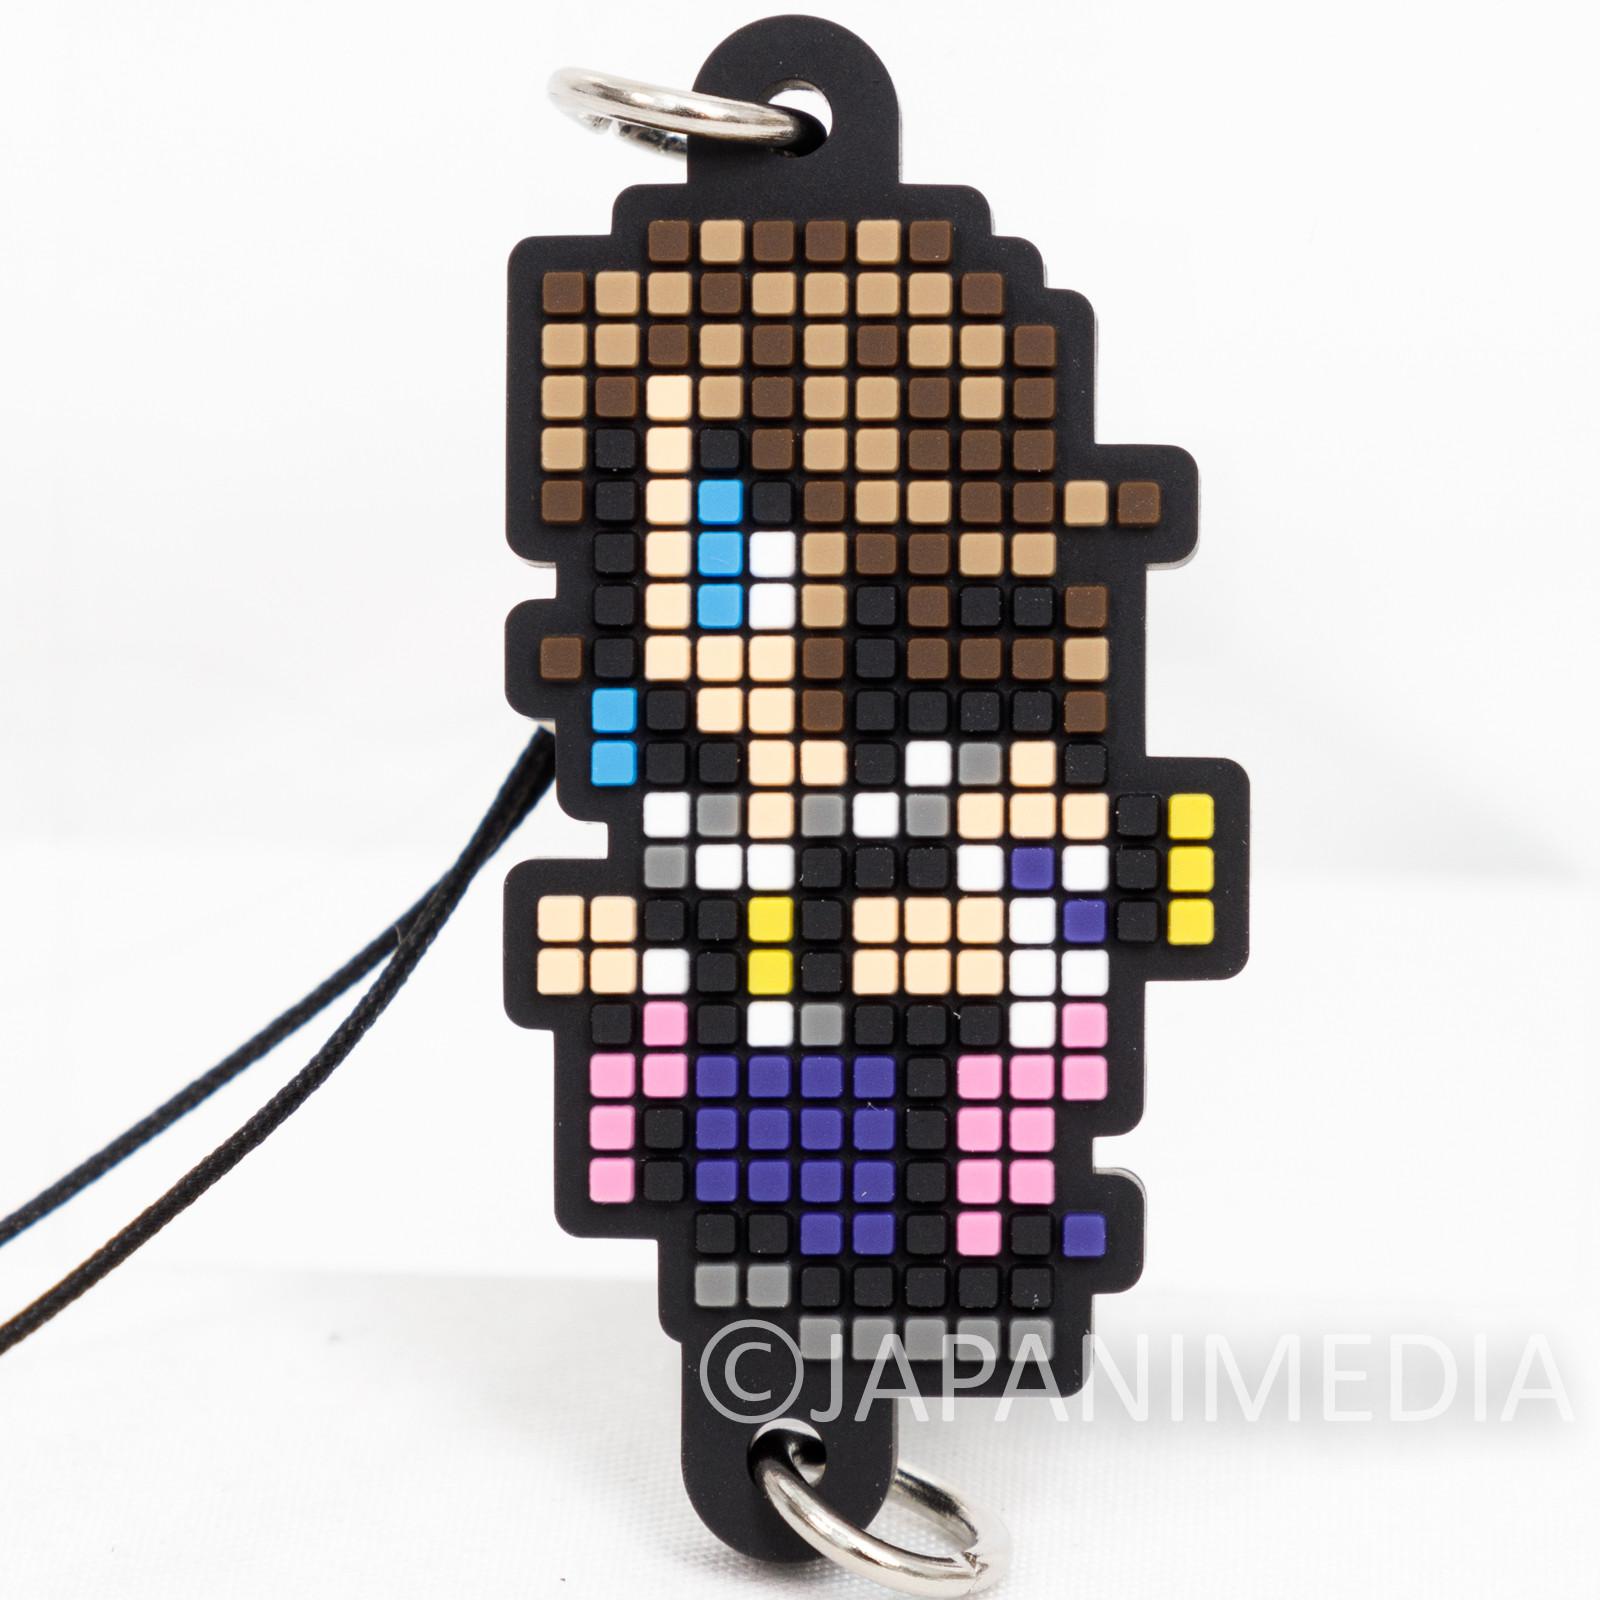 Final Fantasy Yuna Dot Design Rubber Mascot Strap Square Enix